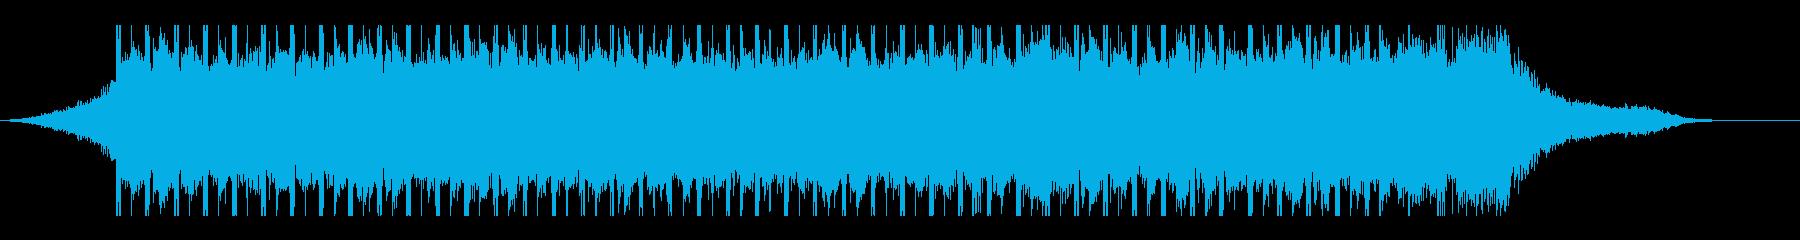 やる気(30秒)の再生済みの波形